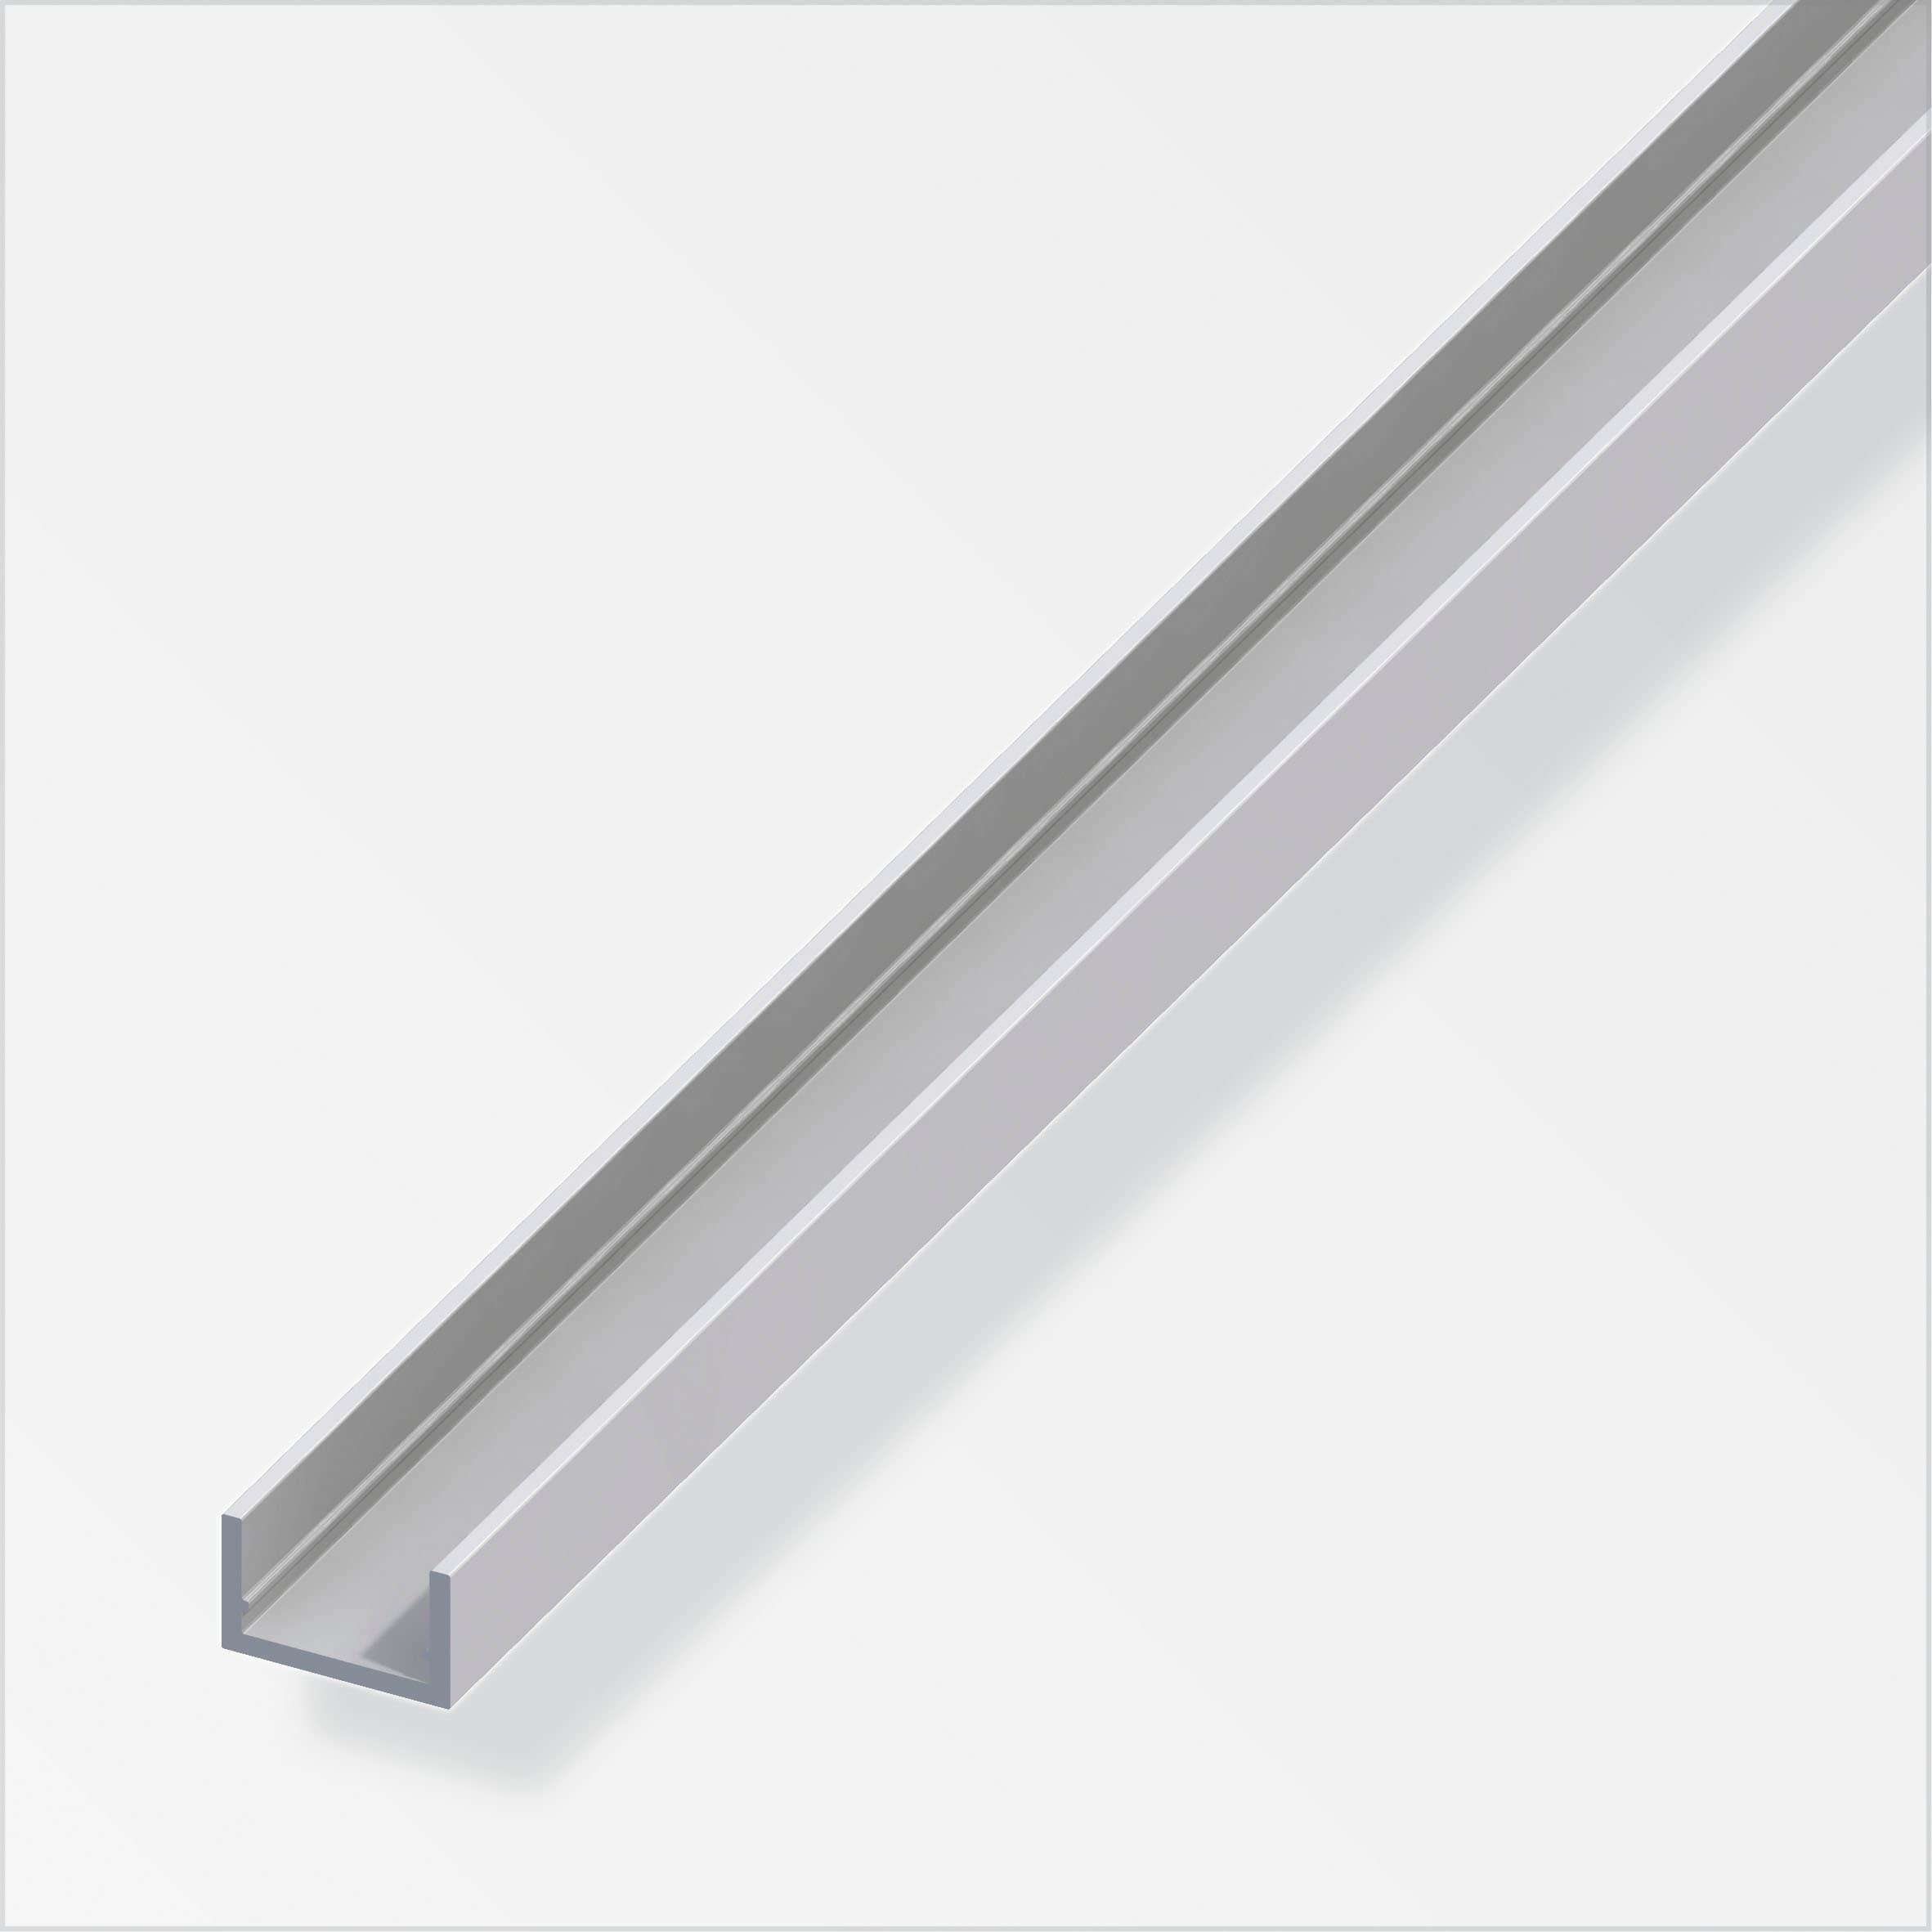 alfer U-Profil  1.5 x 10 x 16.5 mm silberfarben 1 m